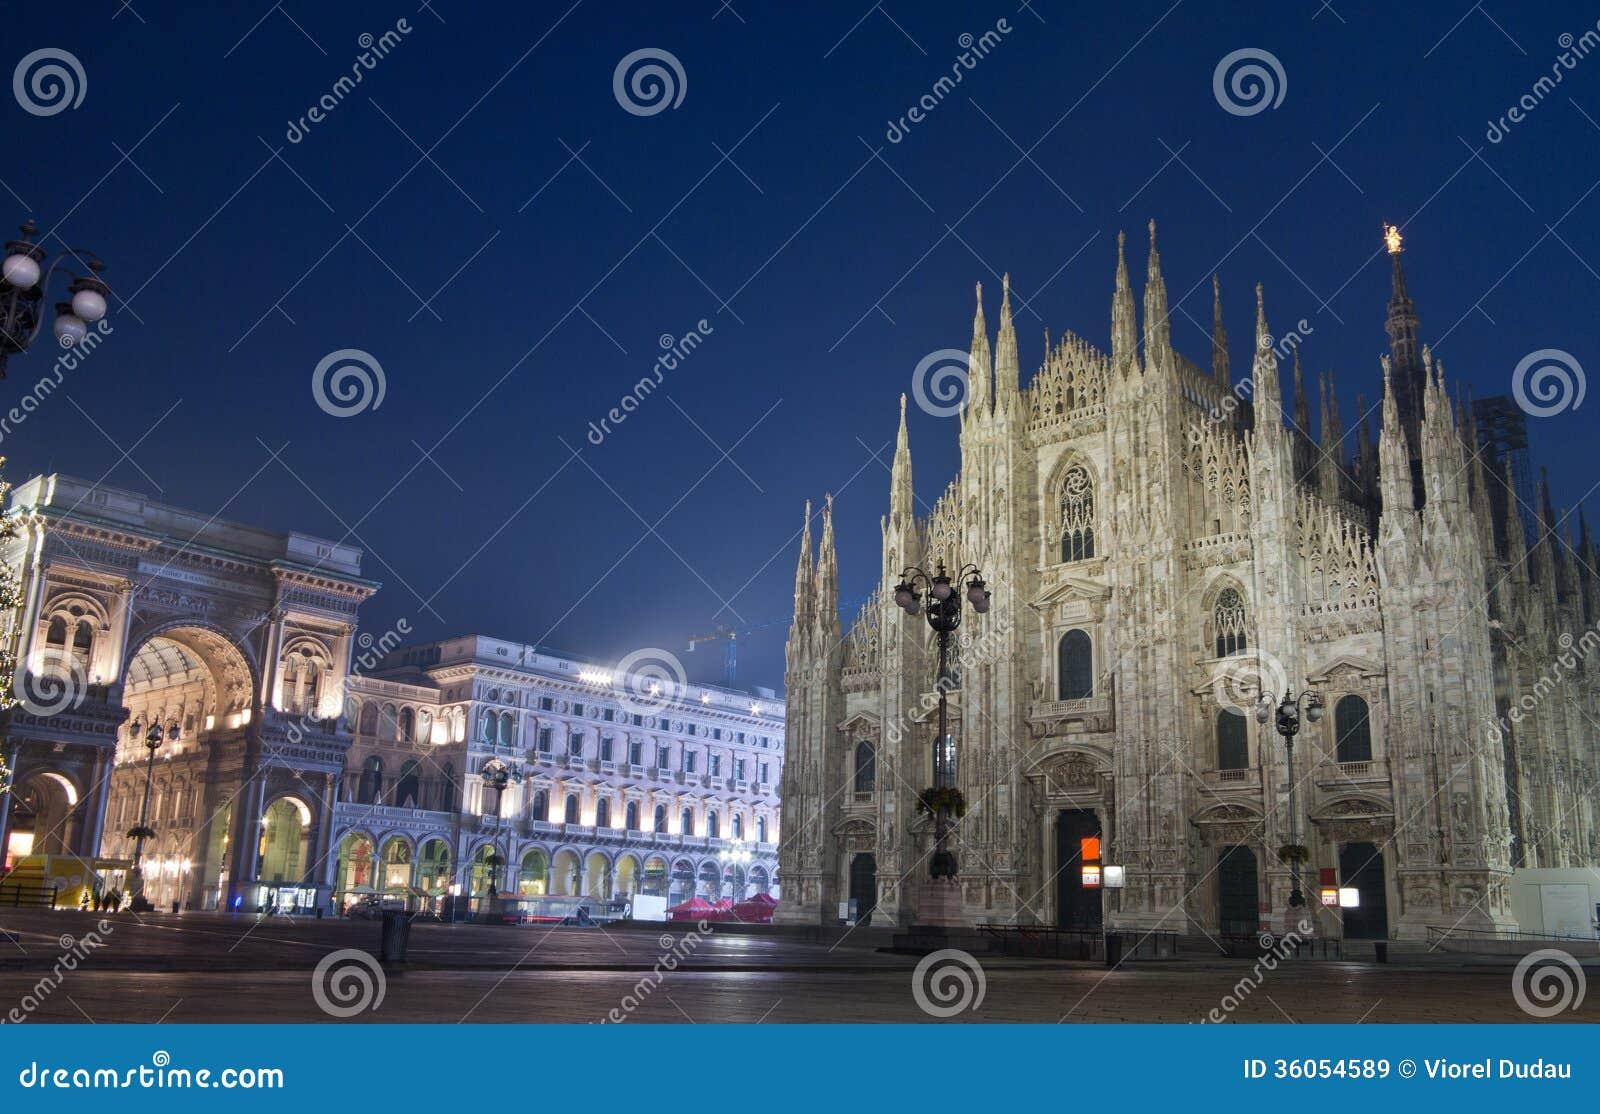 中央寺院二米兰和圆顶场所维托里奥Emanuele